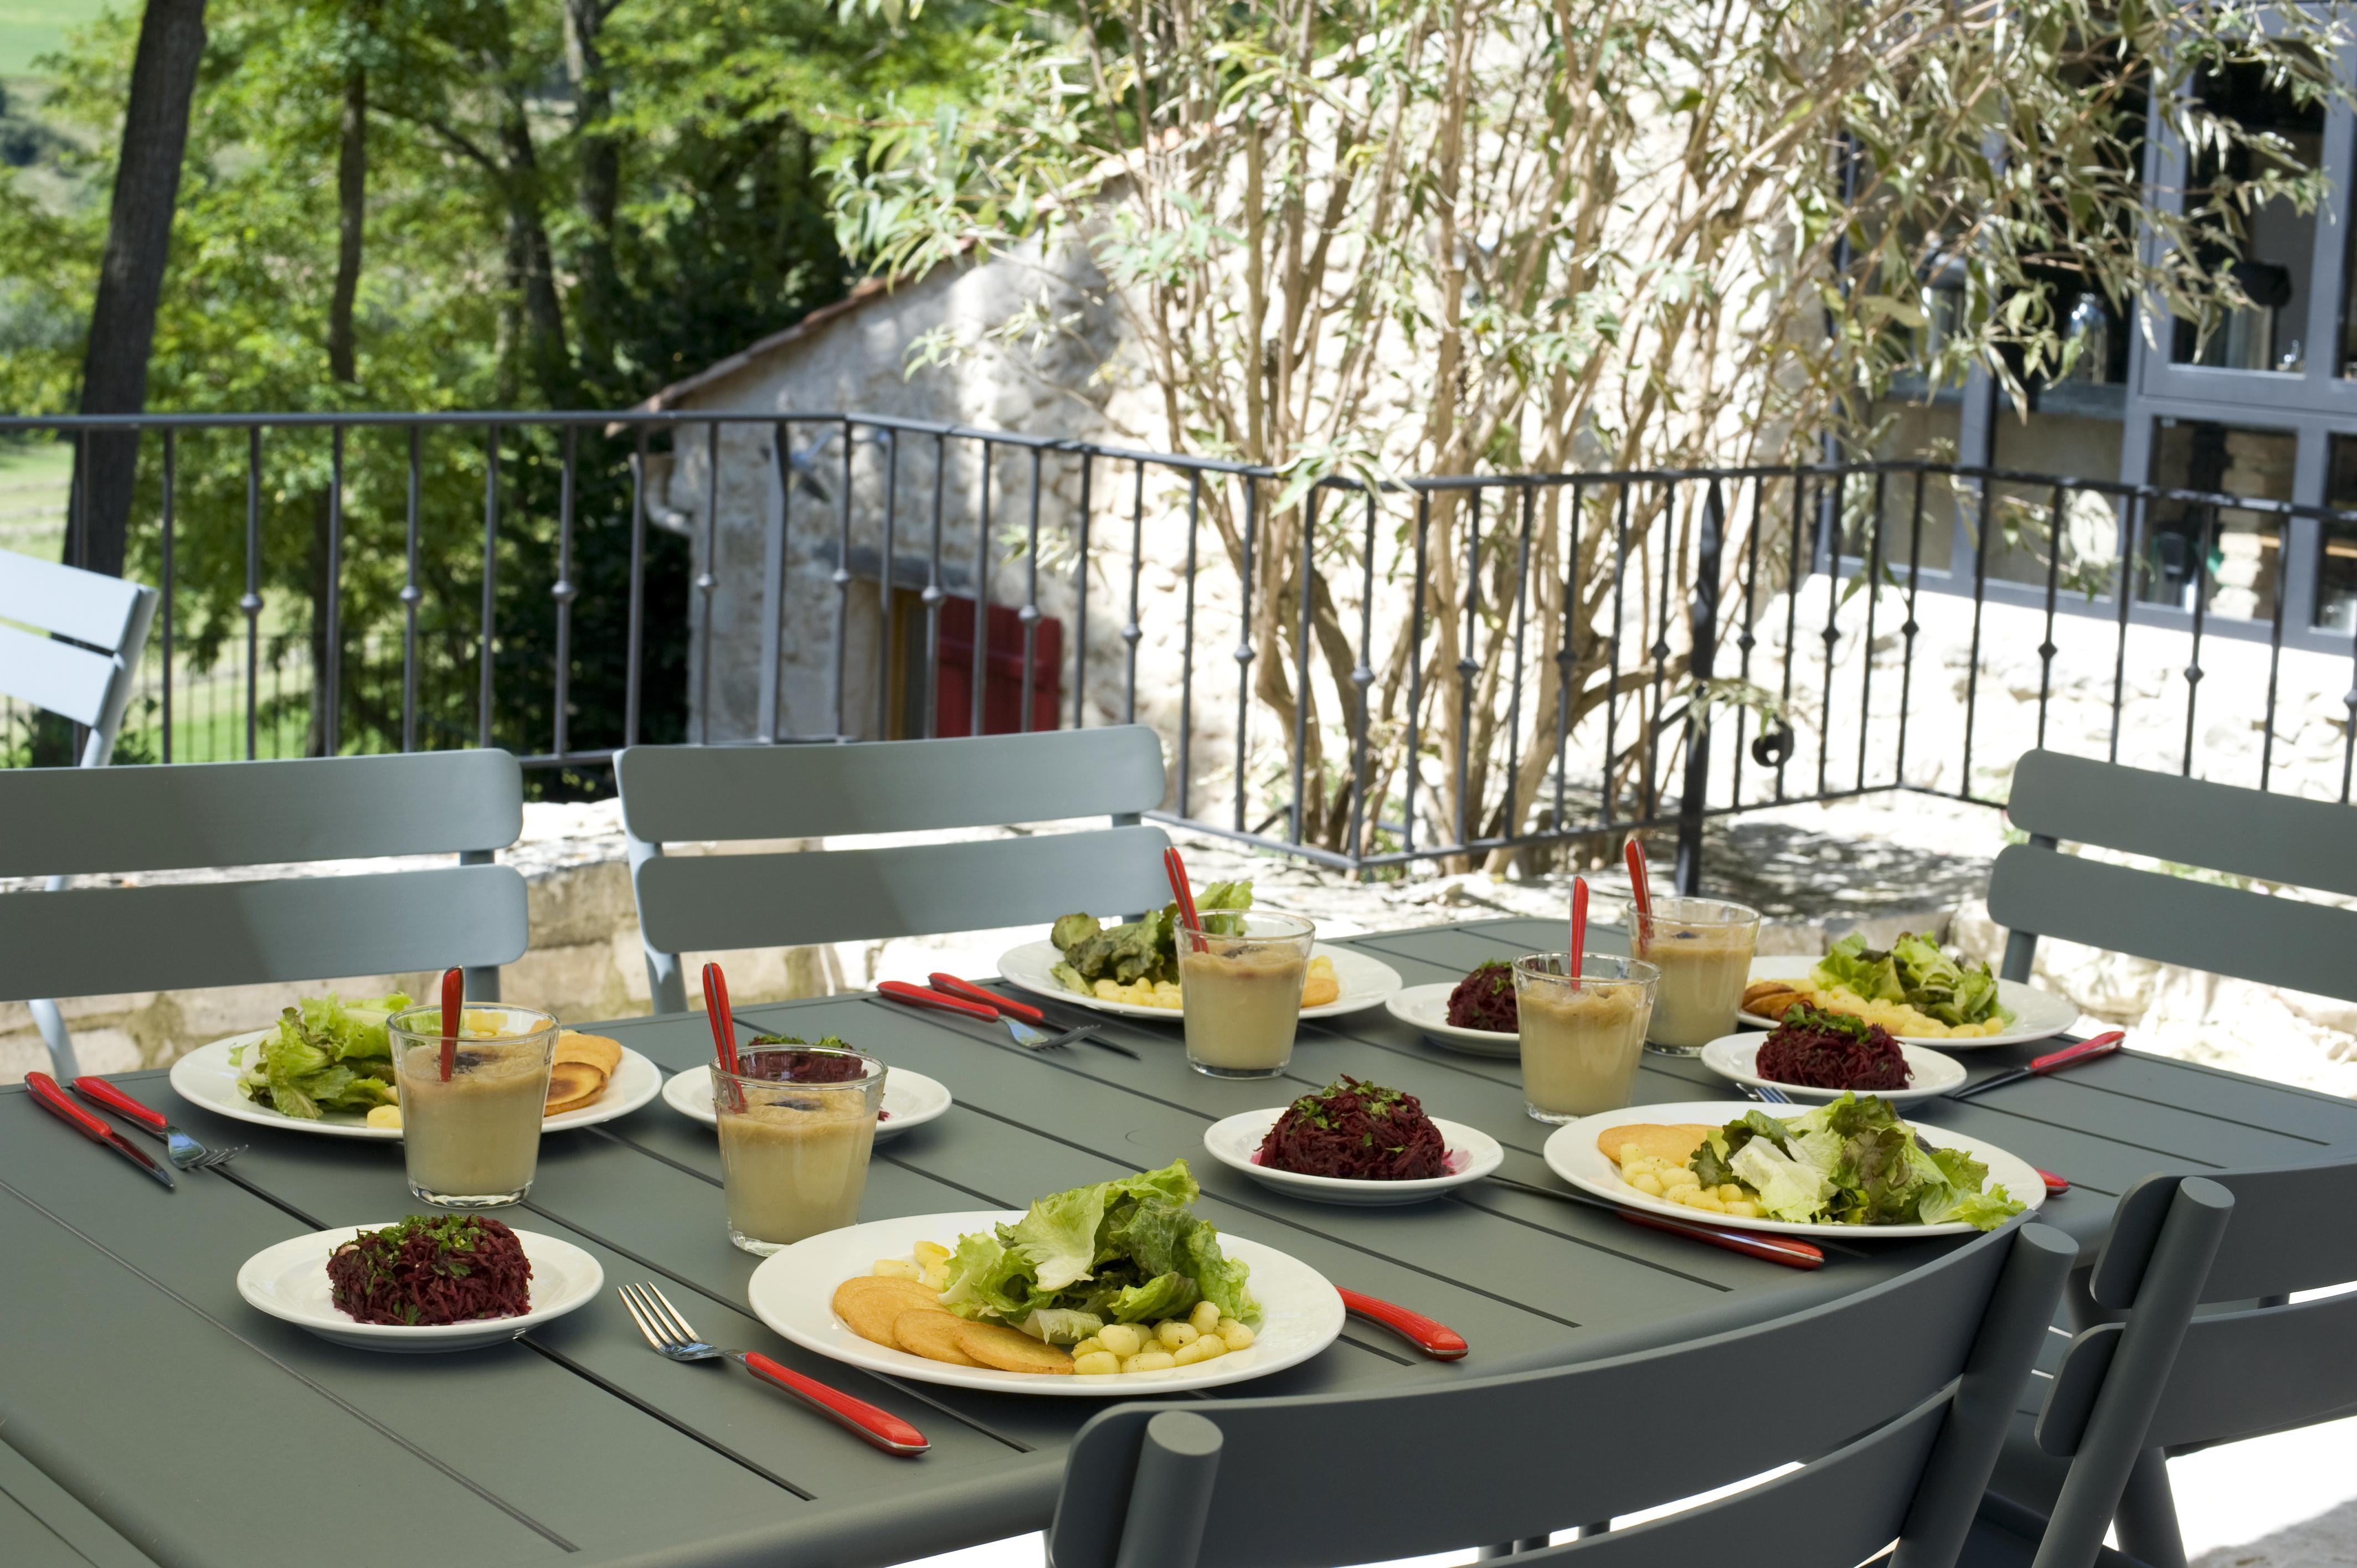 La table d'hôtes à l'extérieur